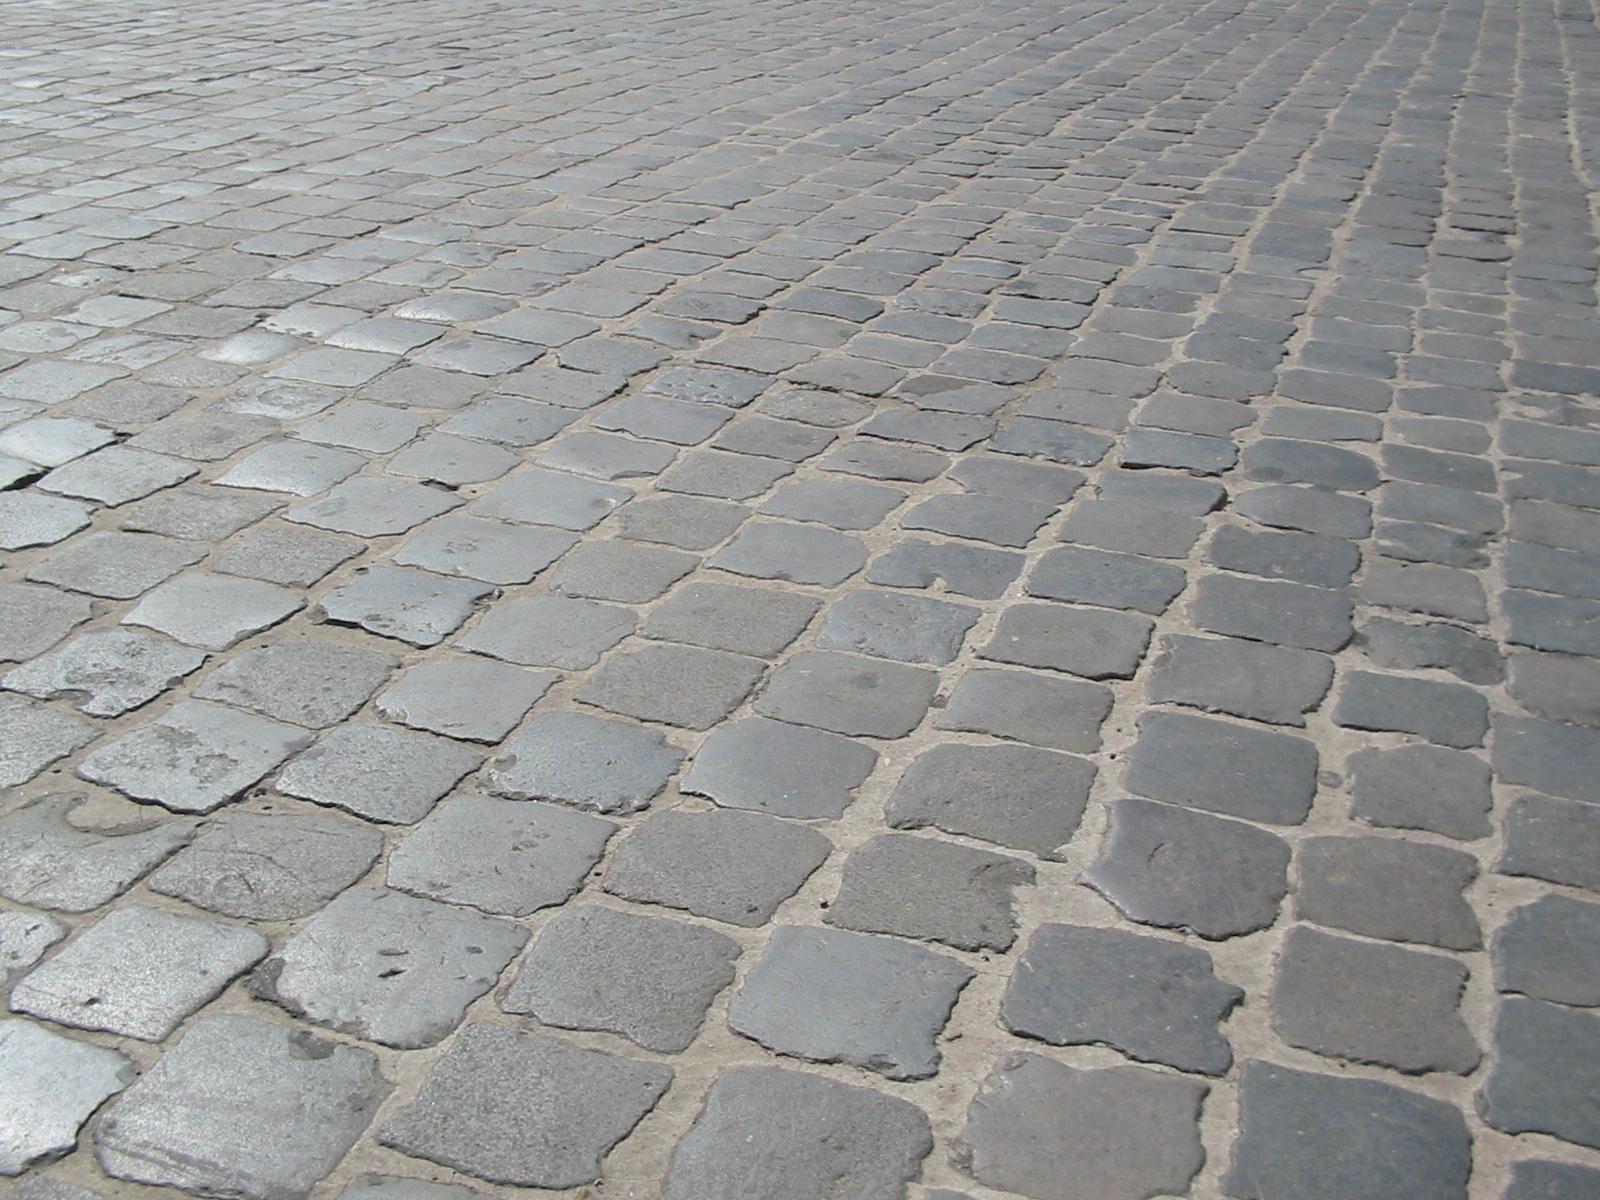 Adoqu n wikipedia la enciclopedia libre - Adoquines de granito ...